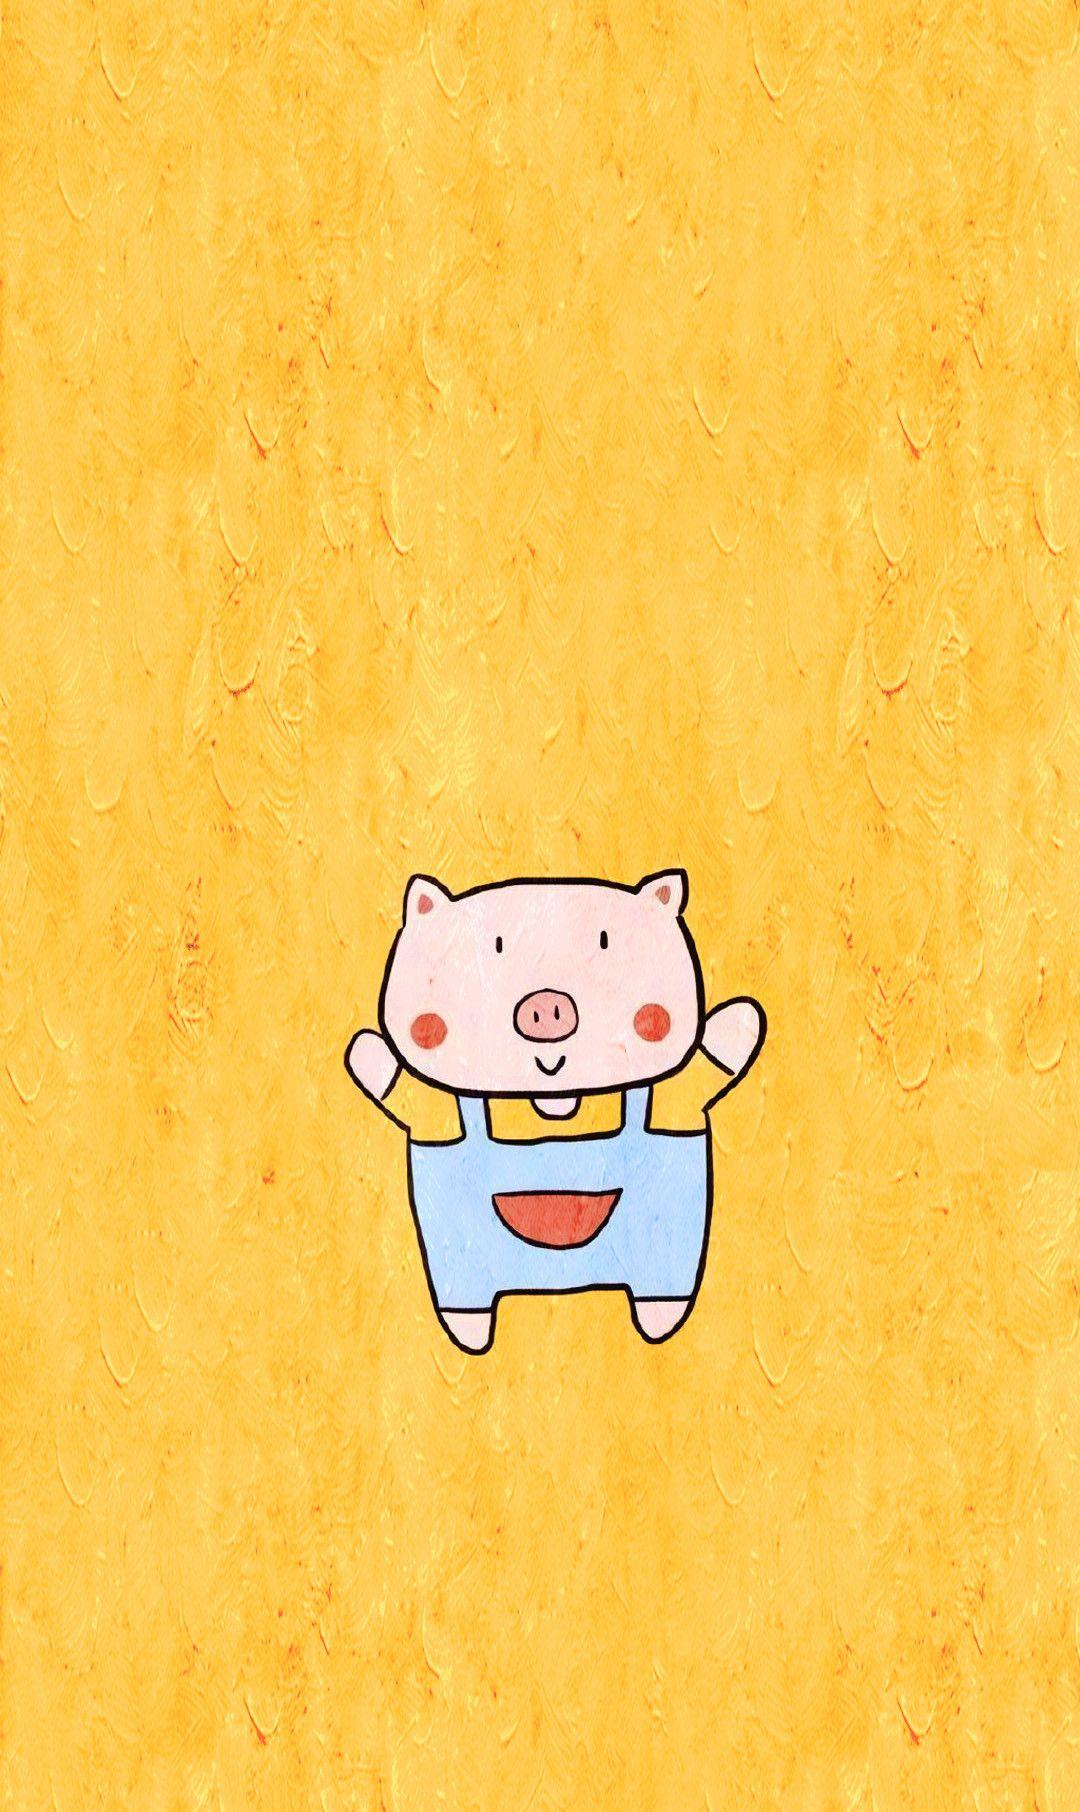 动漫壁纸:猪年手机壁纸!呆萌可爱的小粉猪比佩奇还要讨人喜欢